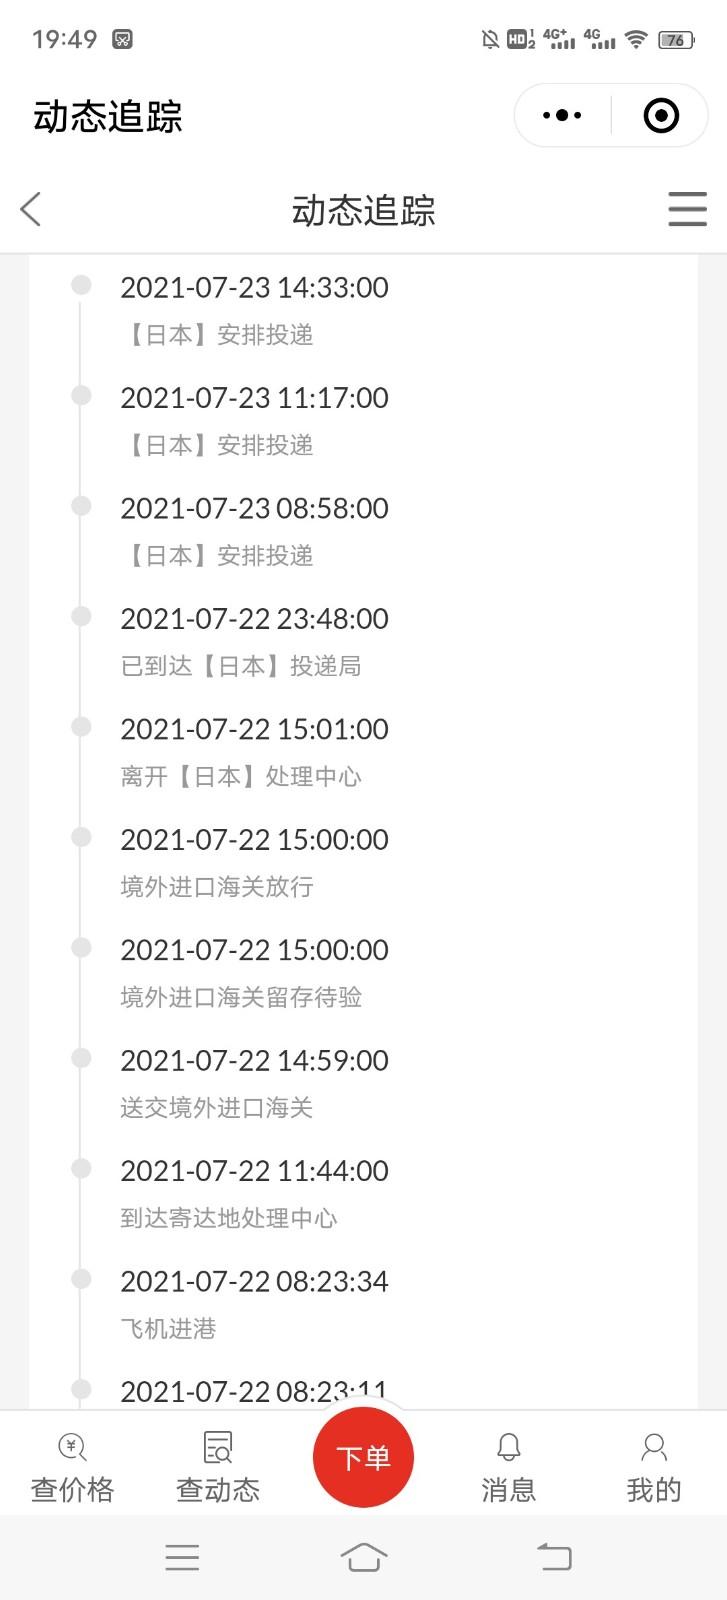 往日本寄鞋子哪家快递便宜?